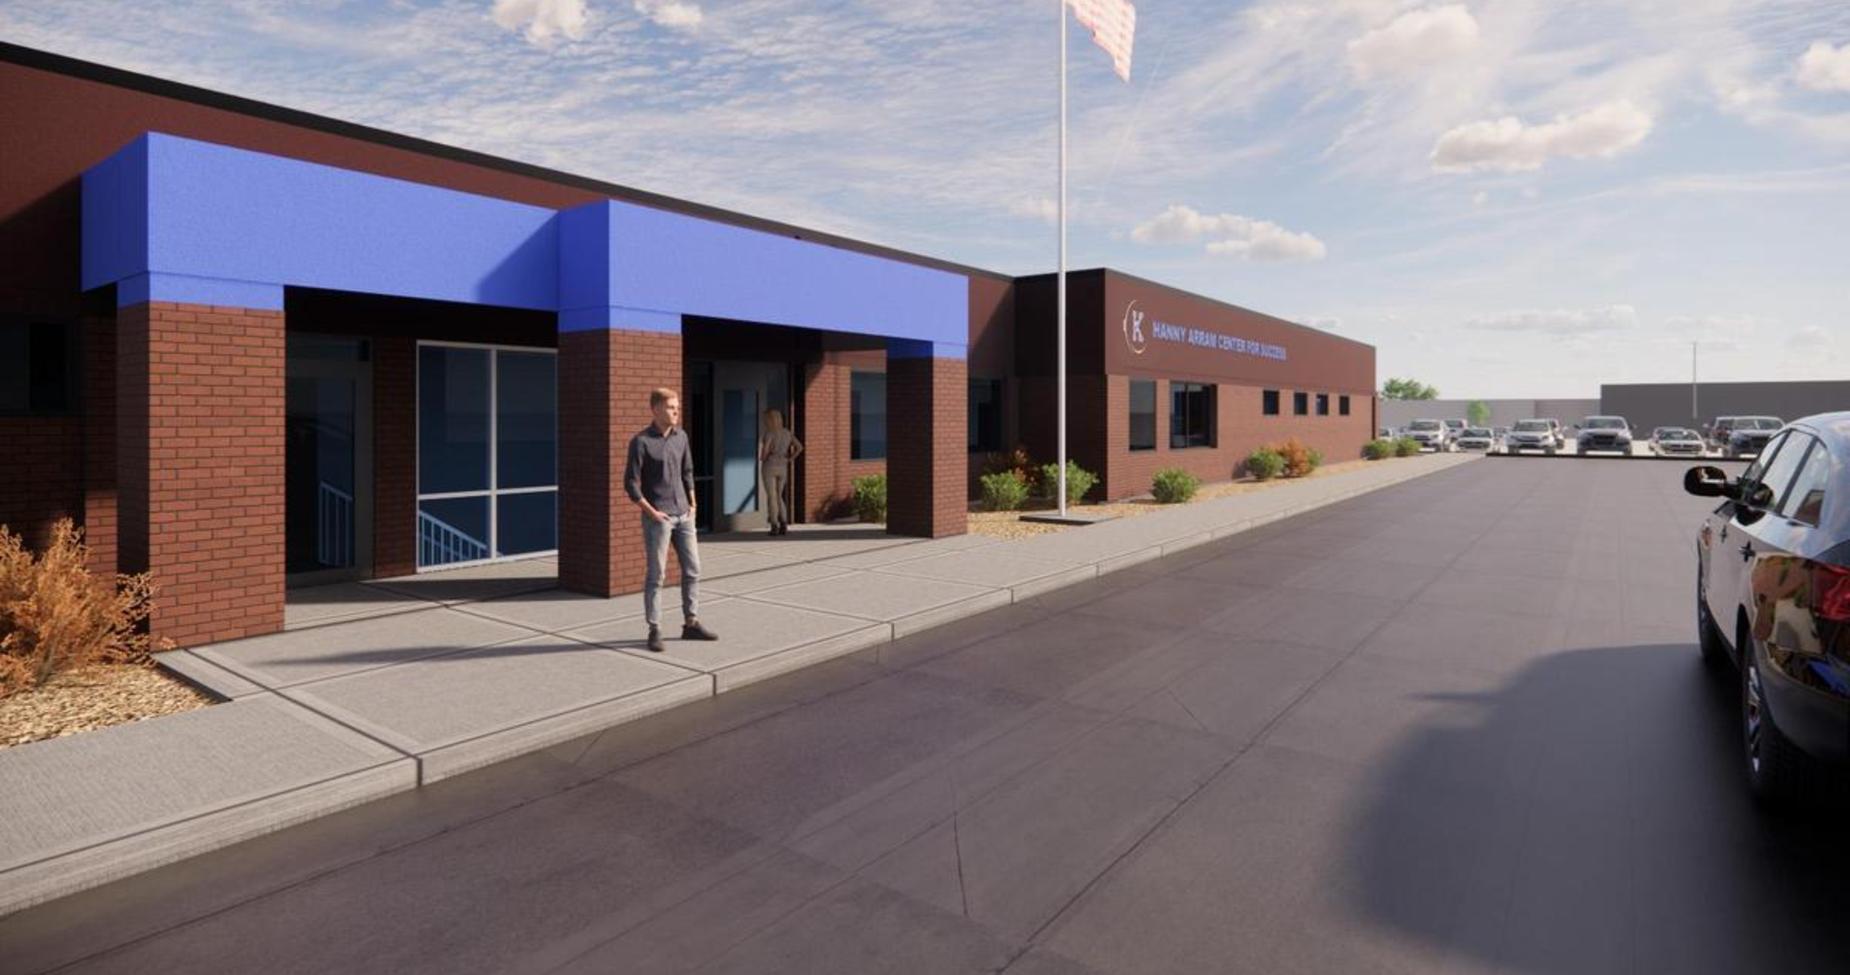 Hanny Arram Center for Success